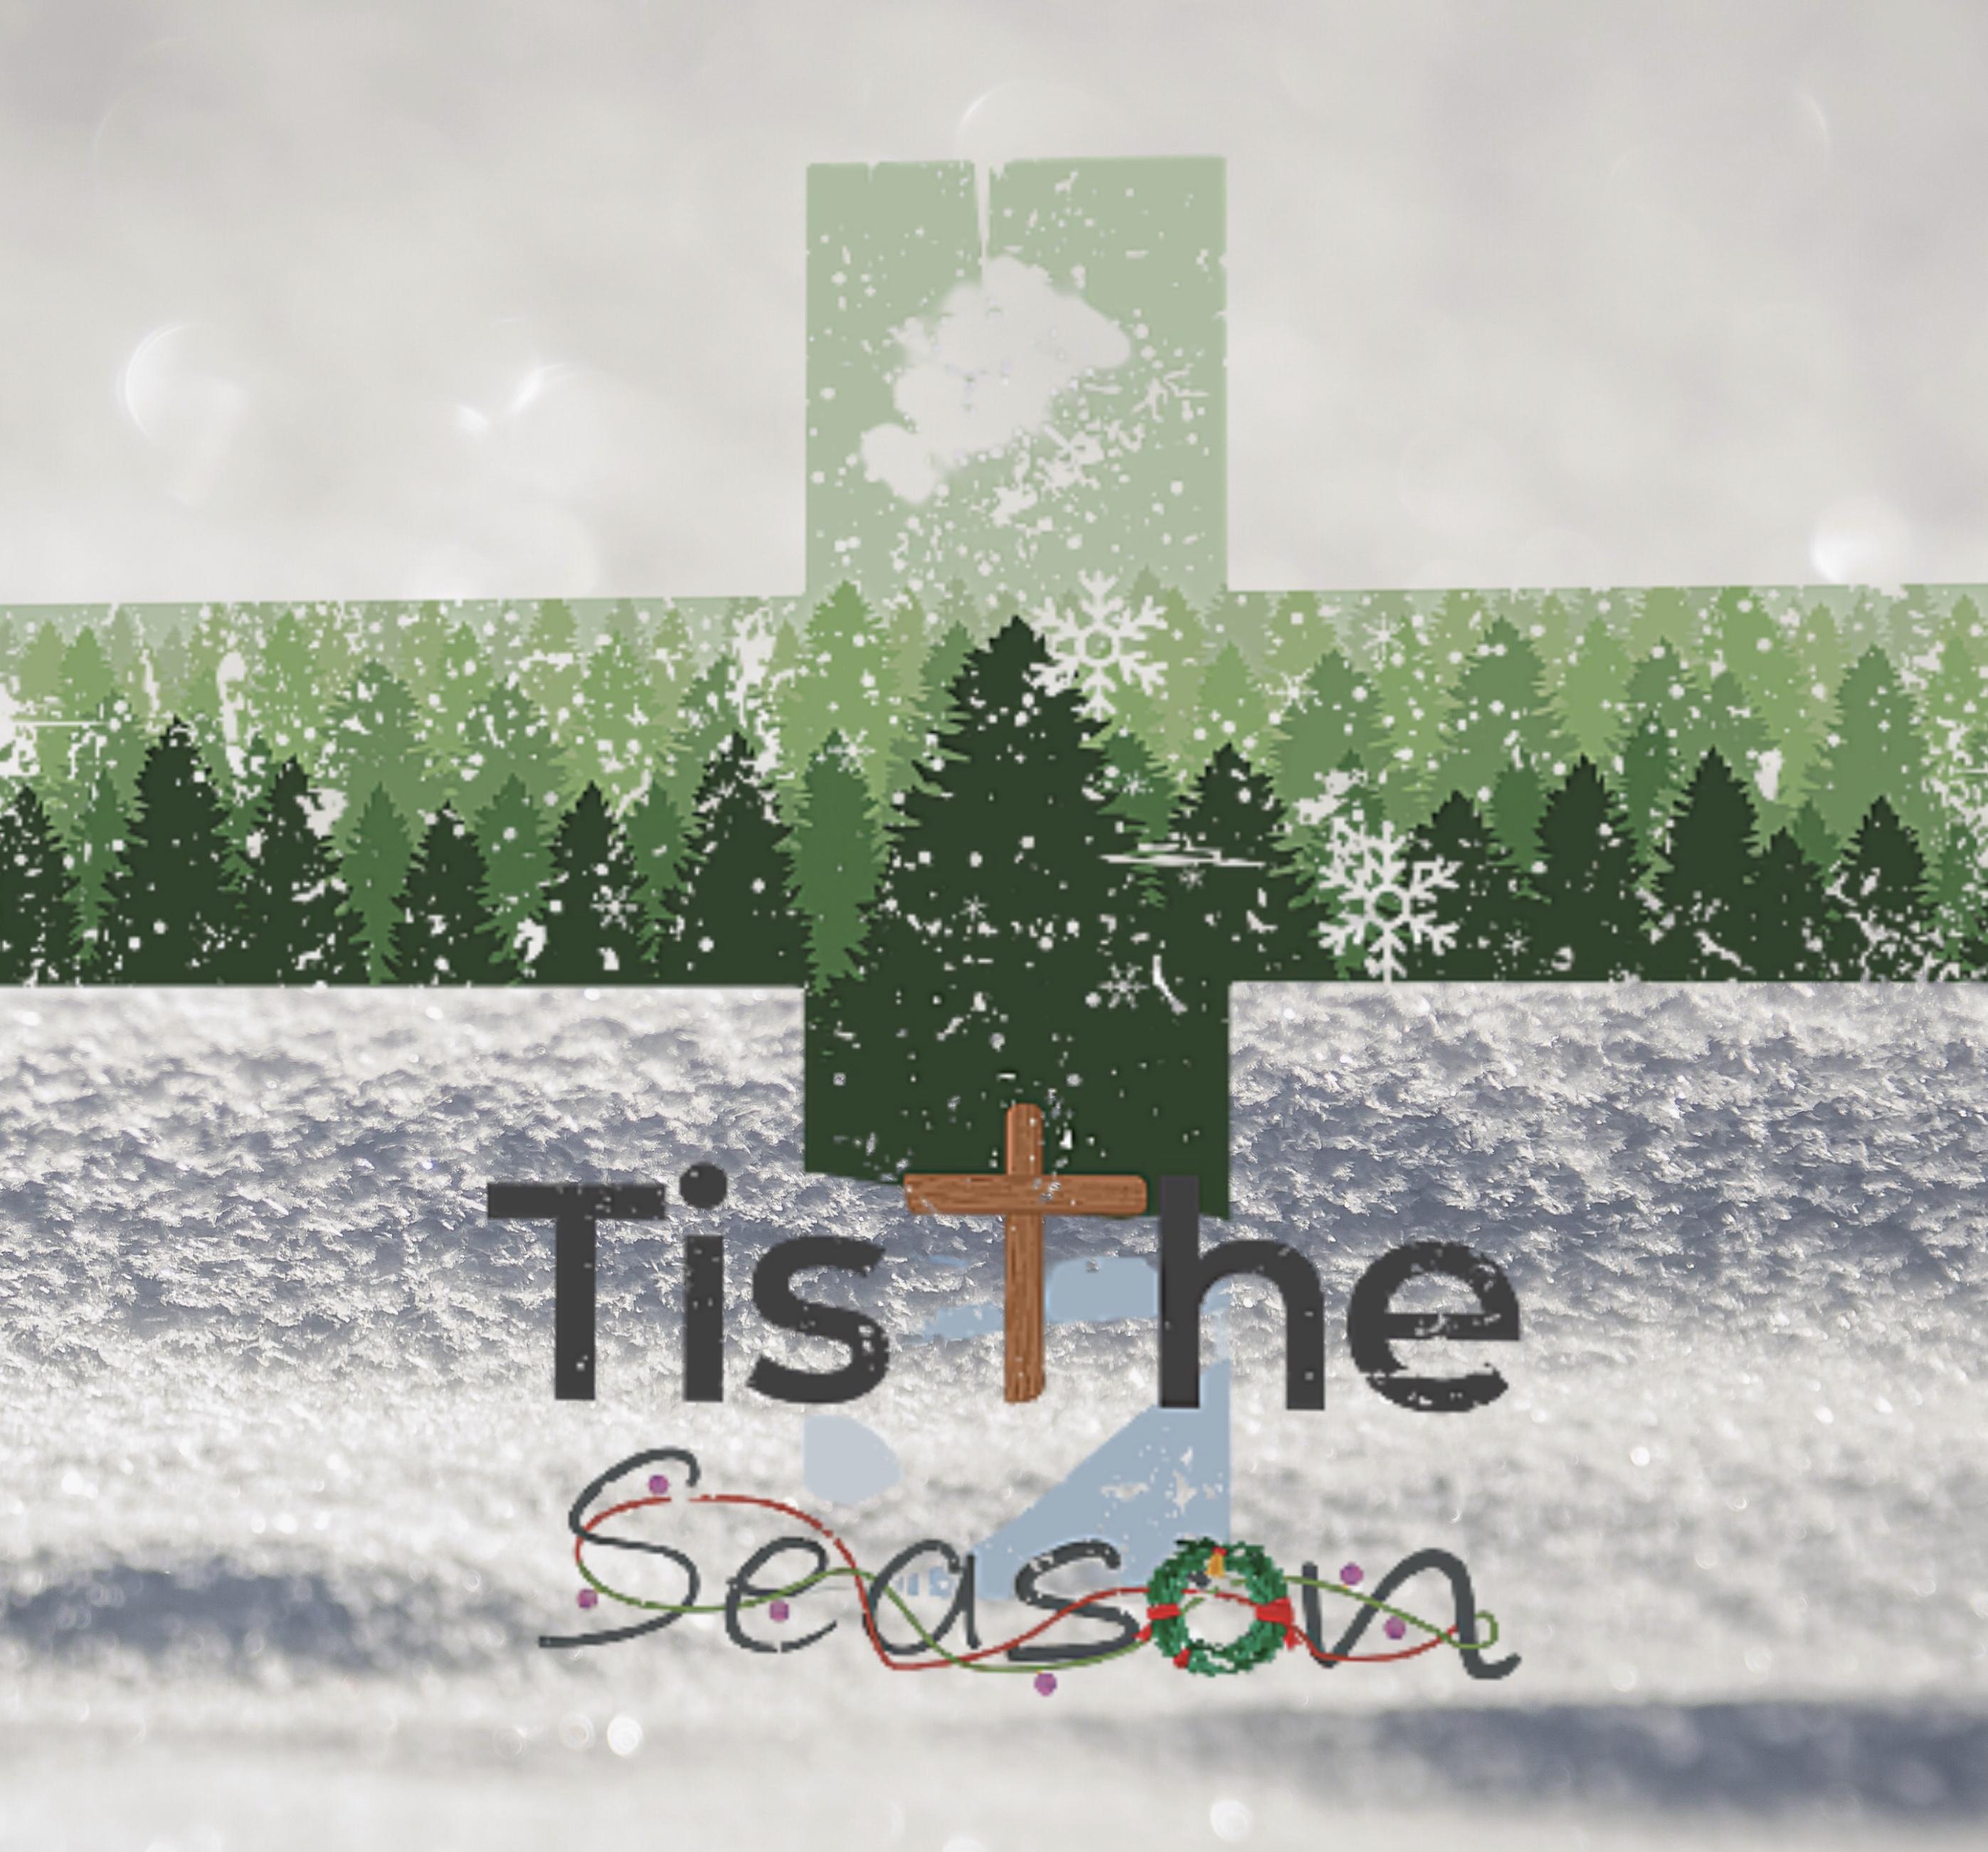 Tis the Season (2020)